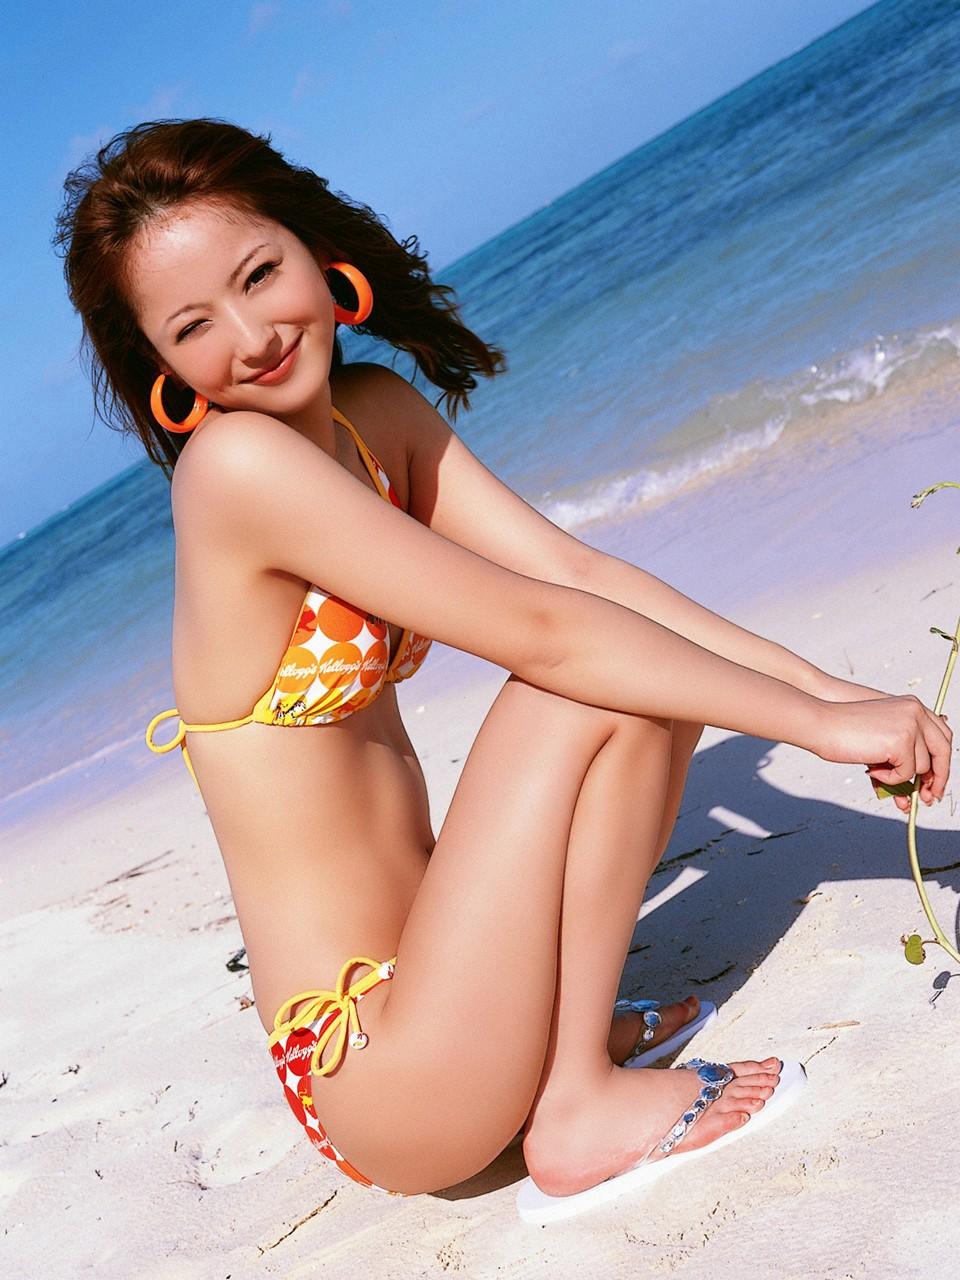 Фото юных японских девочек 24 фотография